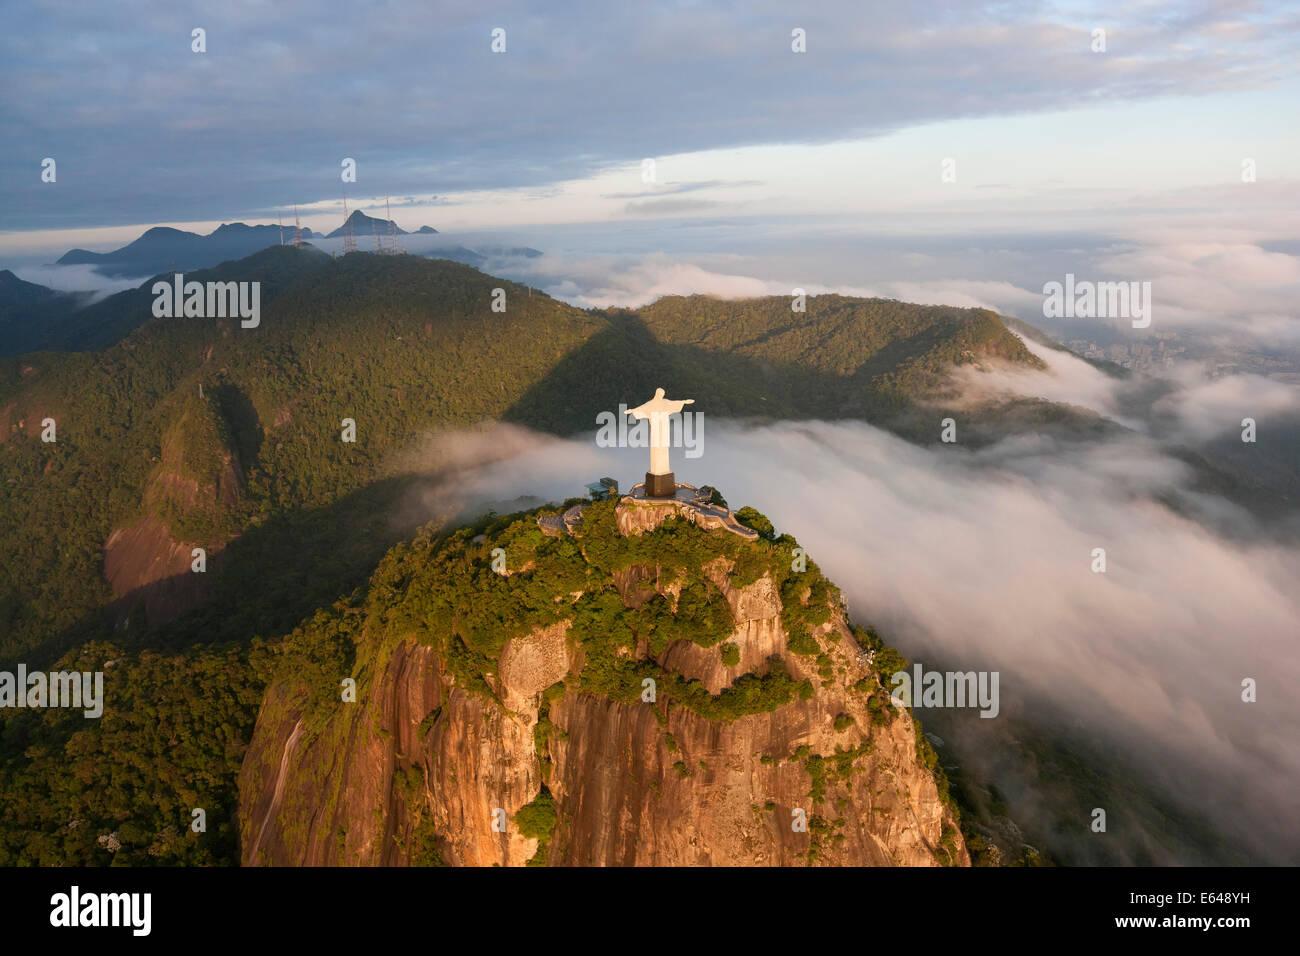 Il gigante Art Deco statua Gesù noto come Cristo Redentor (Cristo Redentore) sul monte Corcovado a Rio de Janeiro Immagini Stock